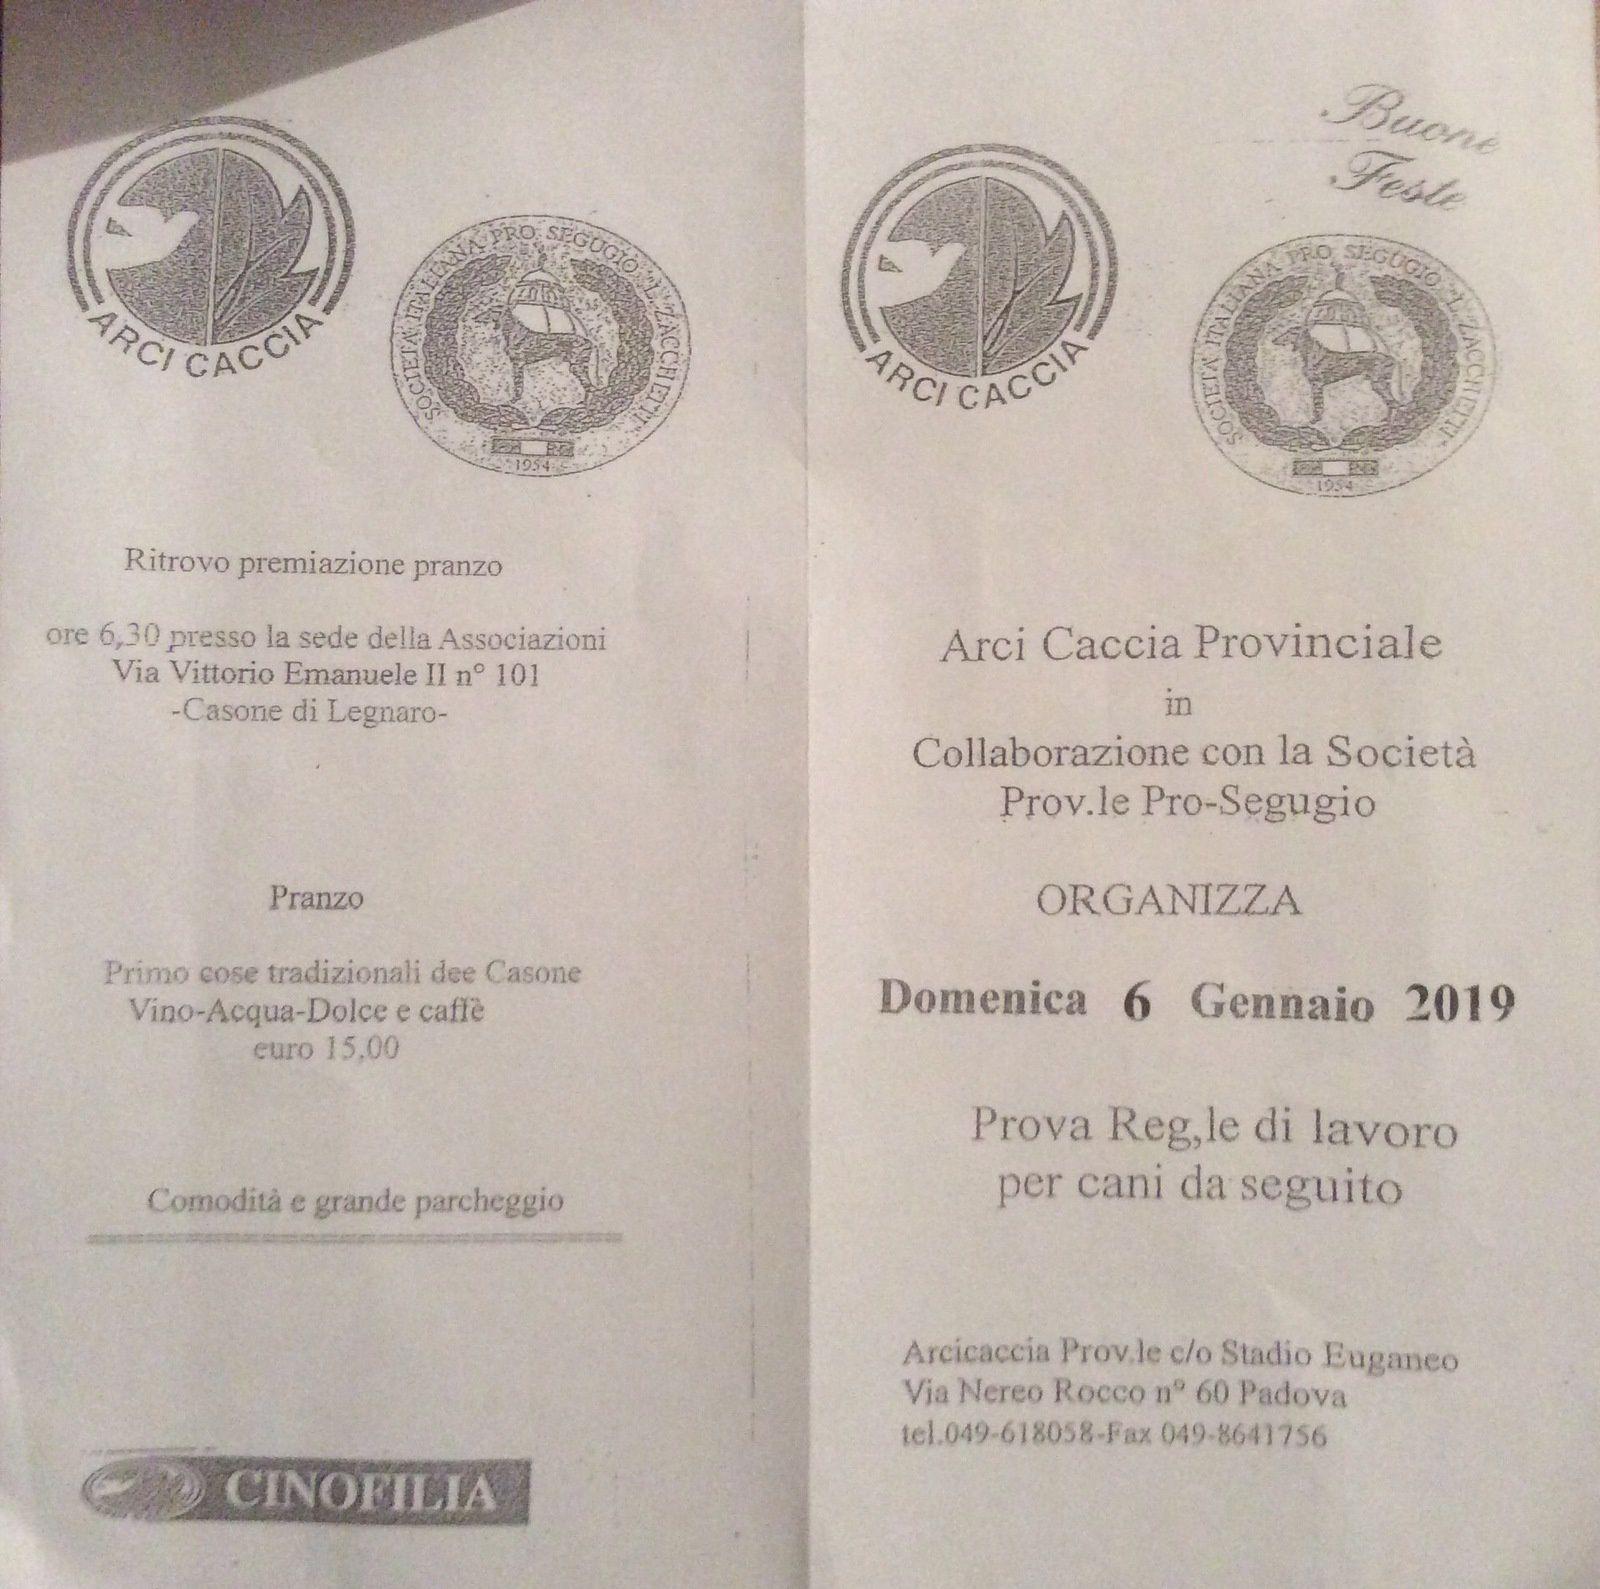 Prova Regionale di lavoro per Cani da Seguita a Padova.